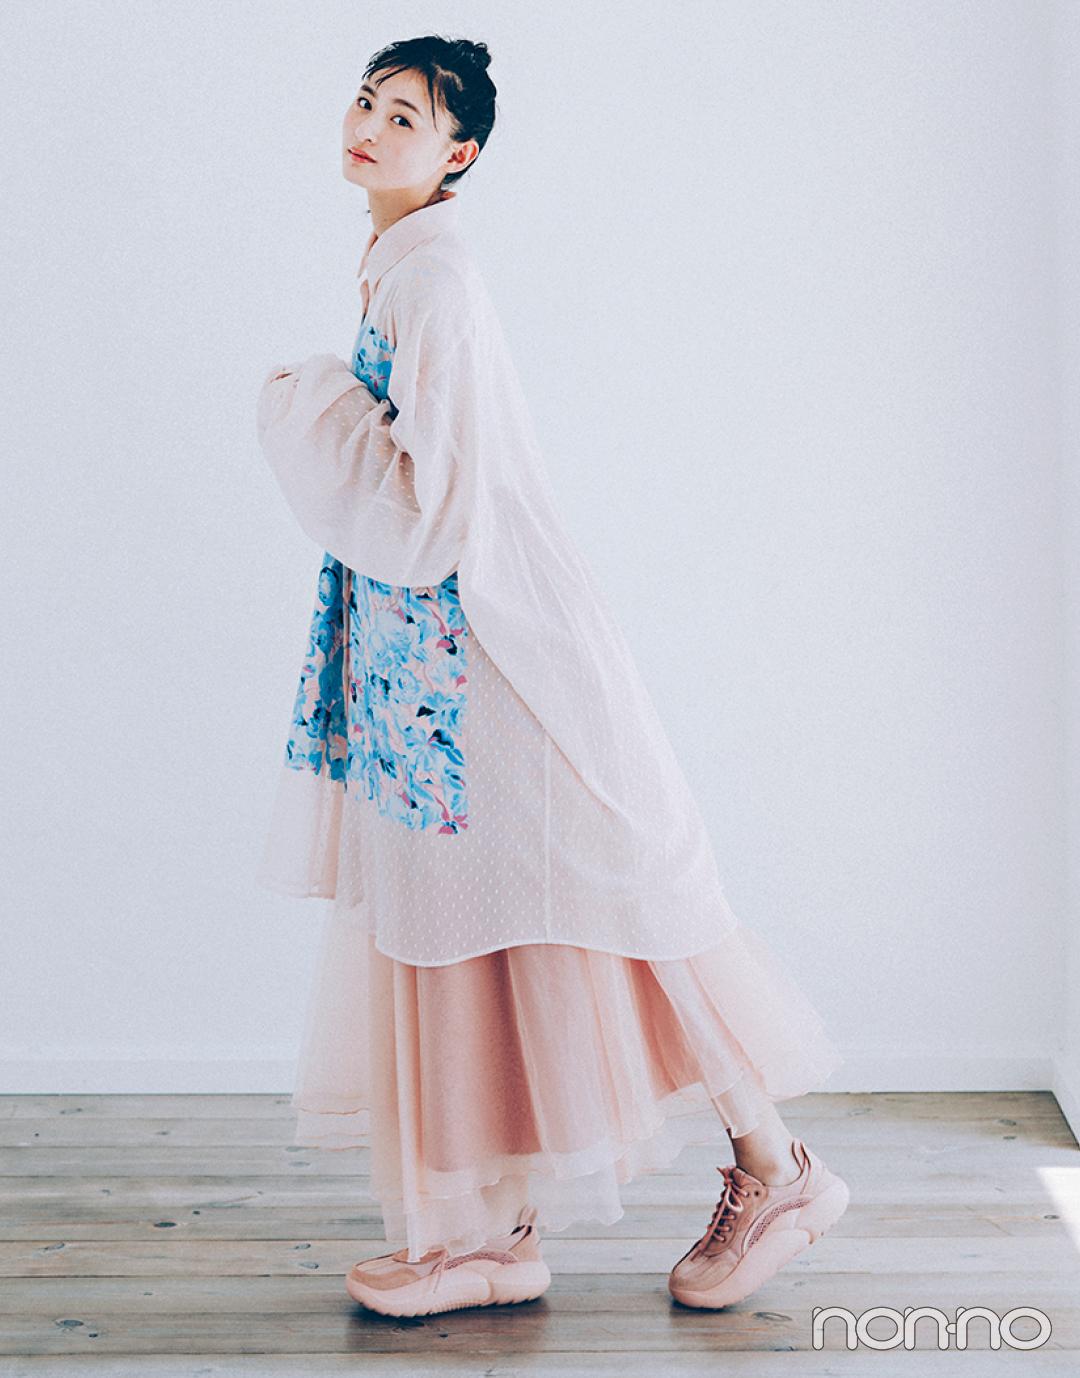 遠藤さくら主演「夏のピンクはエモーショナル」完全版を公開!_1_14